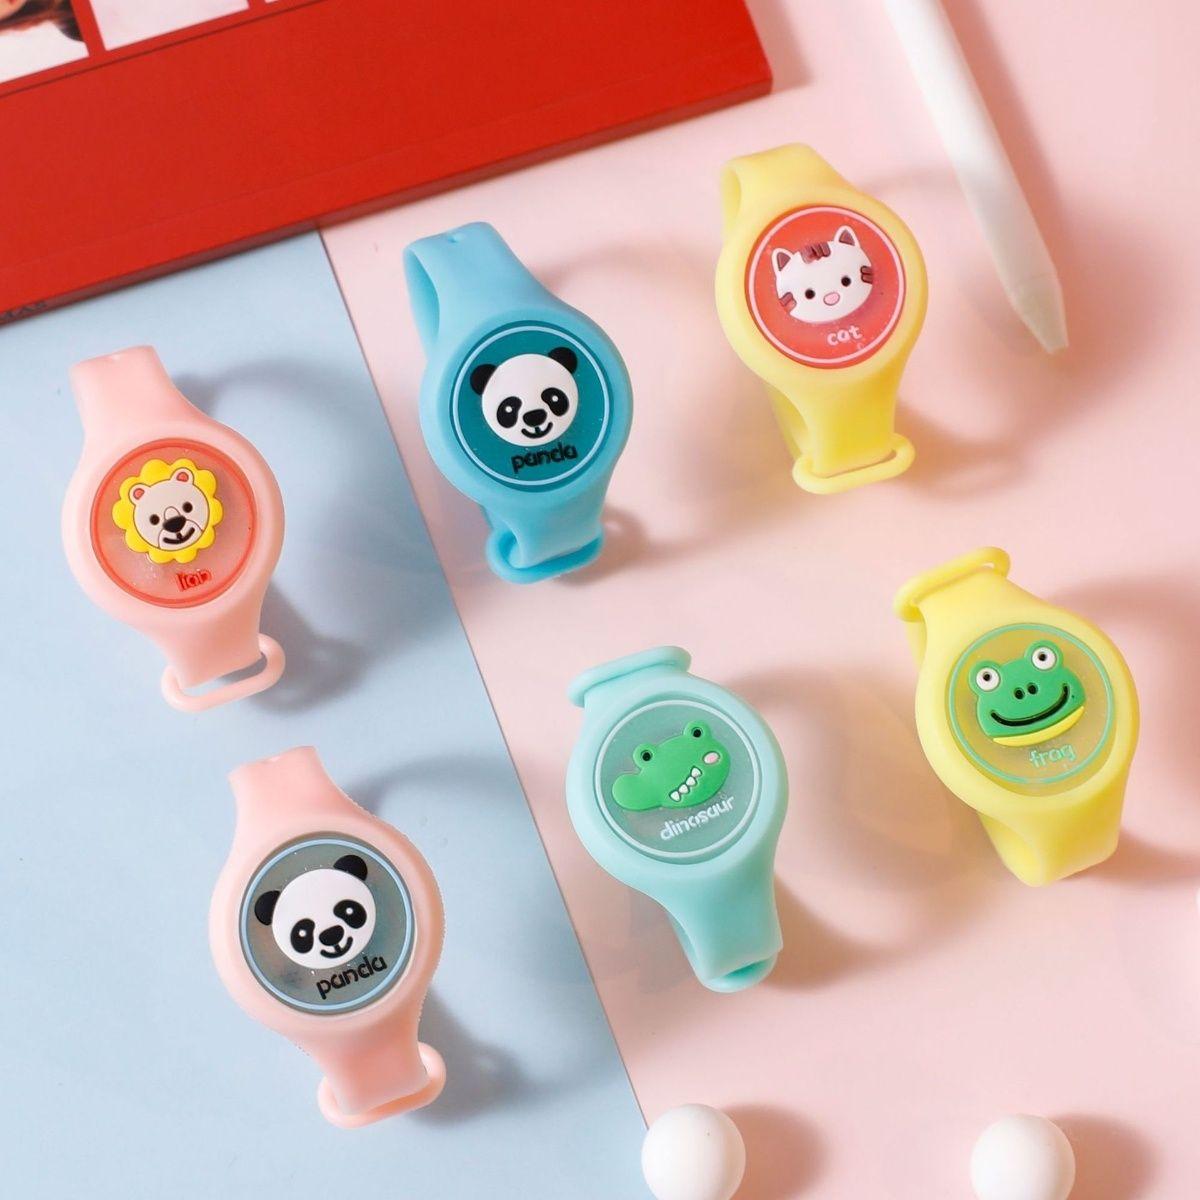 夏季热卖发光卡通儿童驱蚊手环彩色可调节款电子彩光亮灯防蚊手表